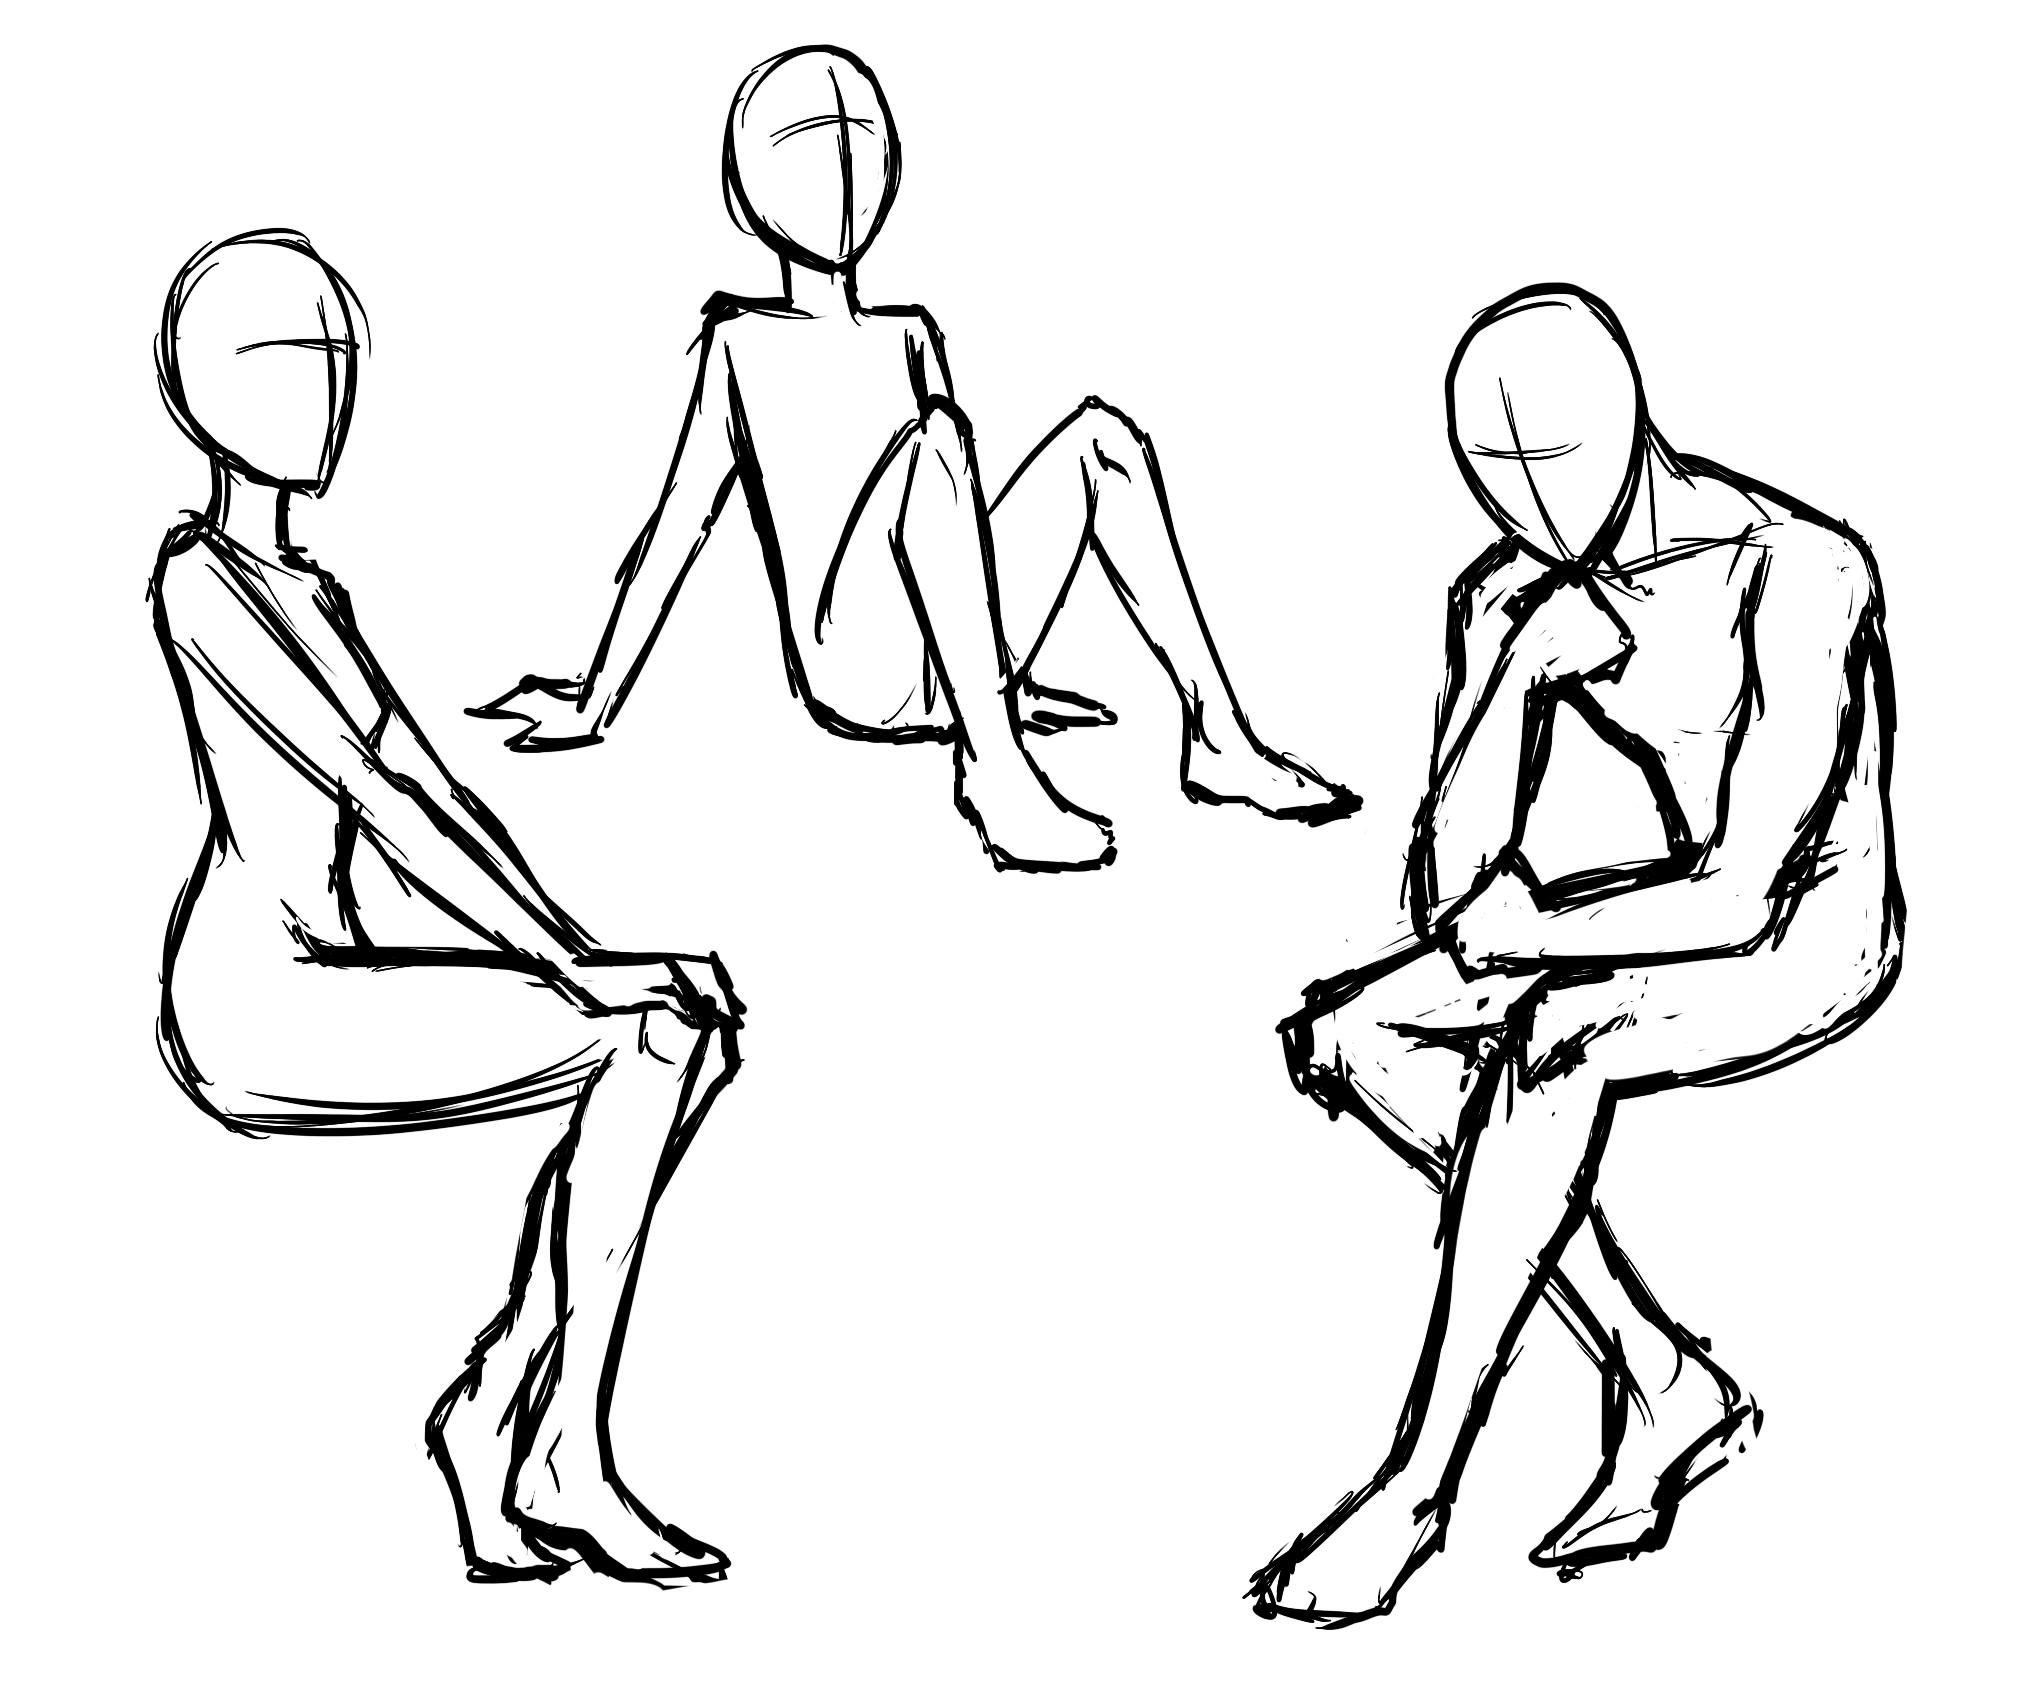 для картинка сидящего человечка после визита